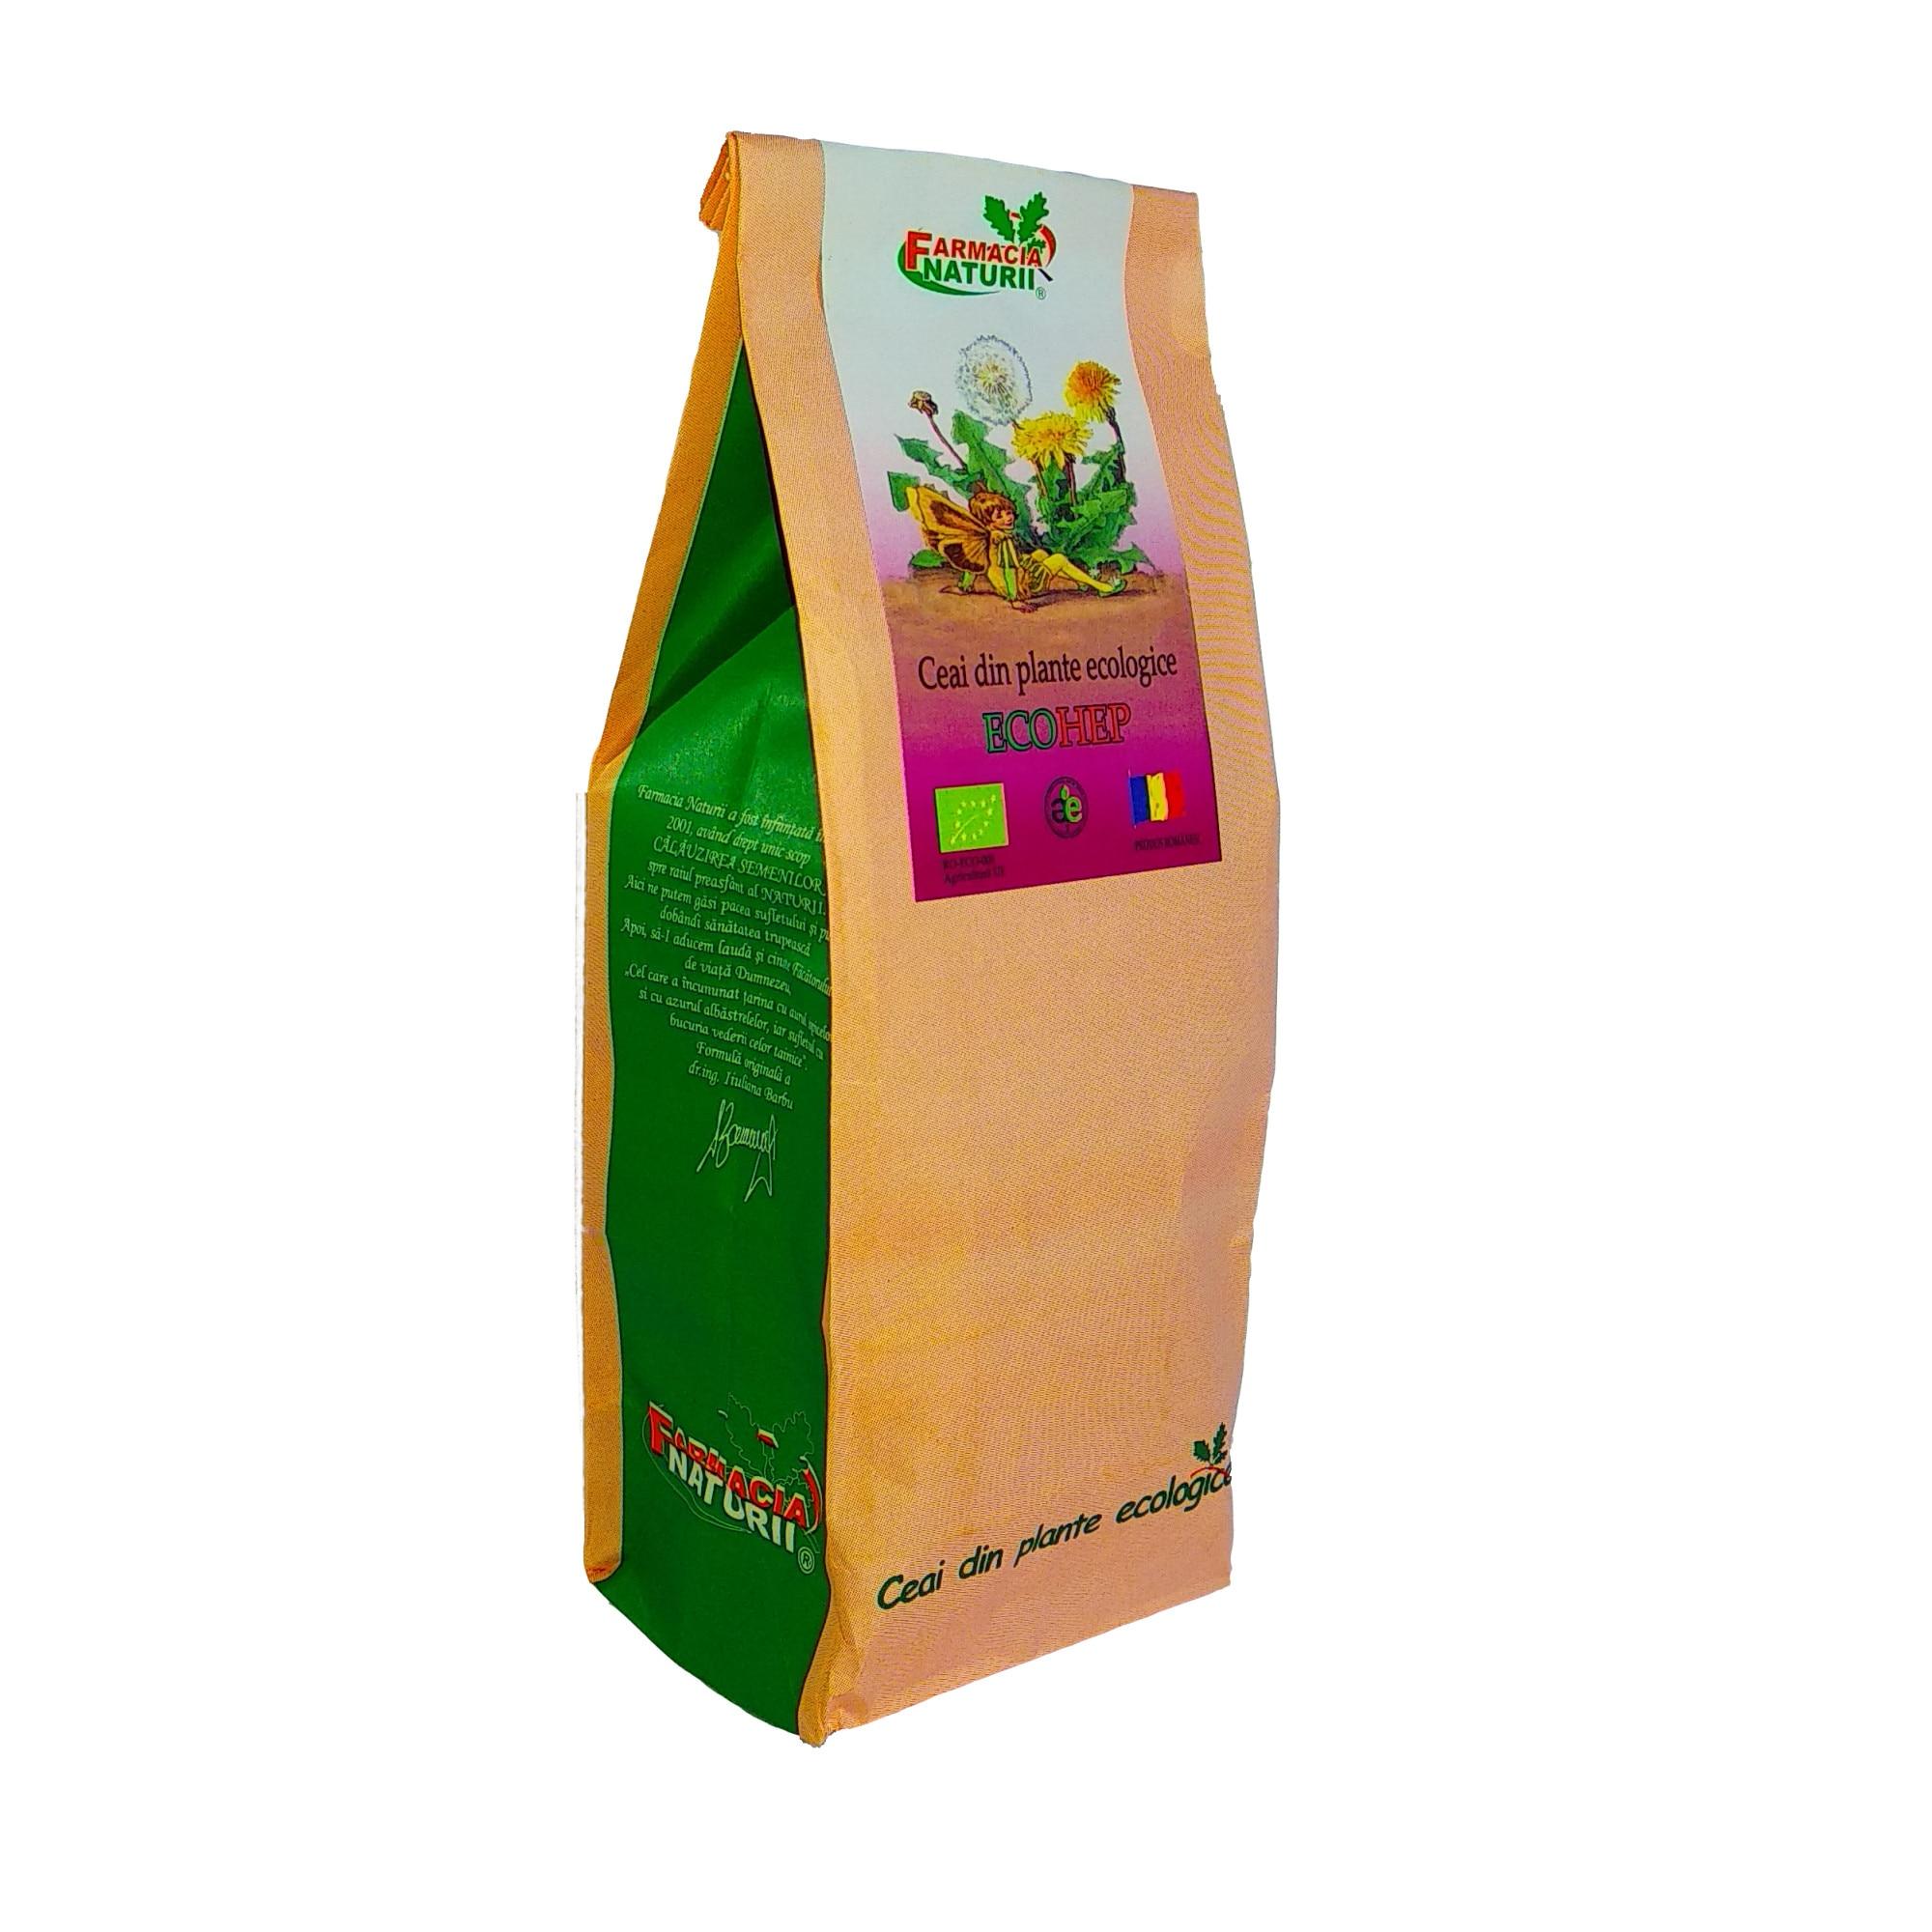 Plante pe care le poti folosi in ceaiuri pentru ficat